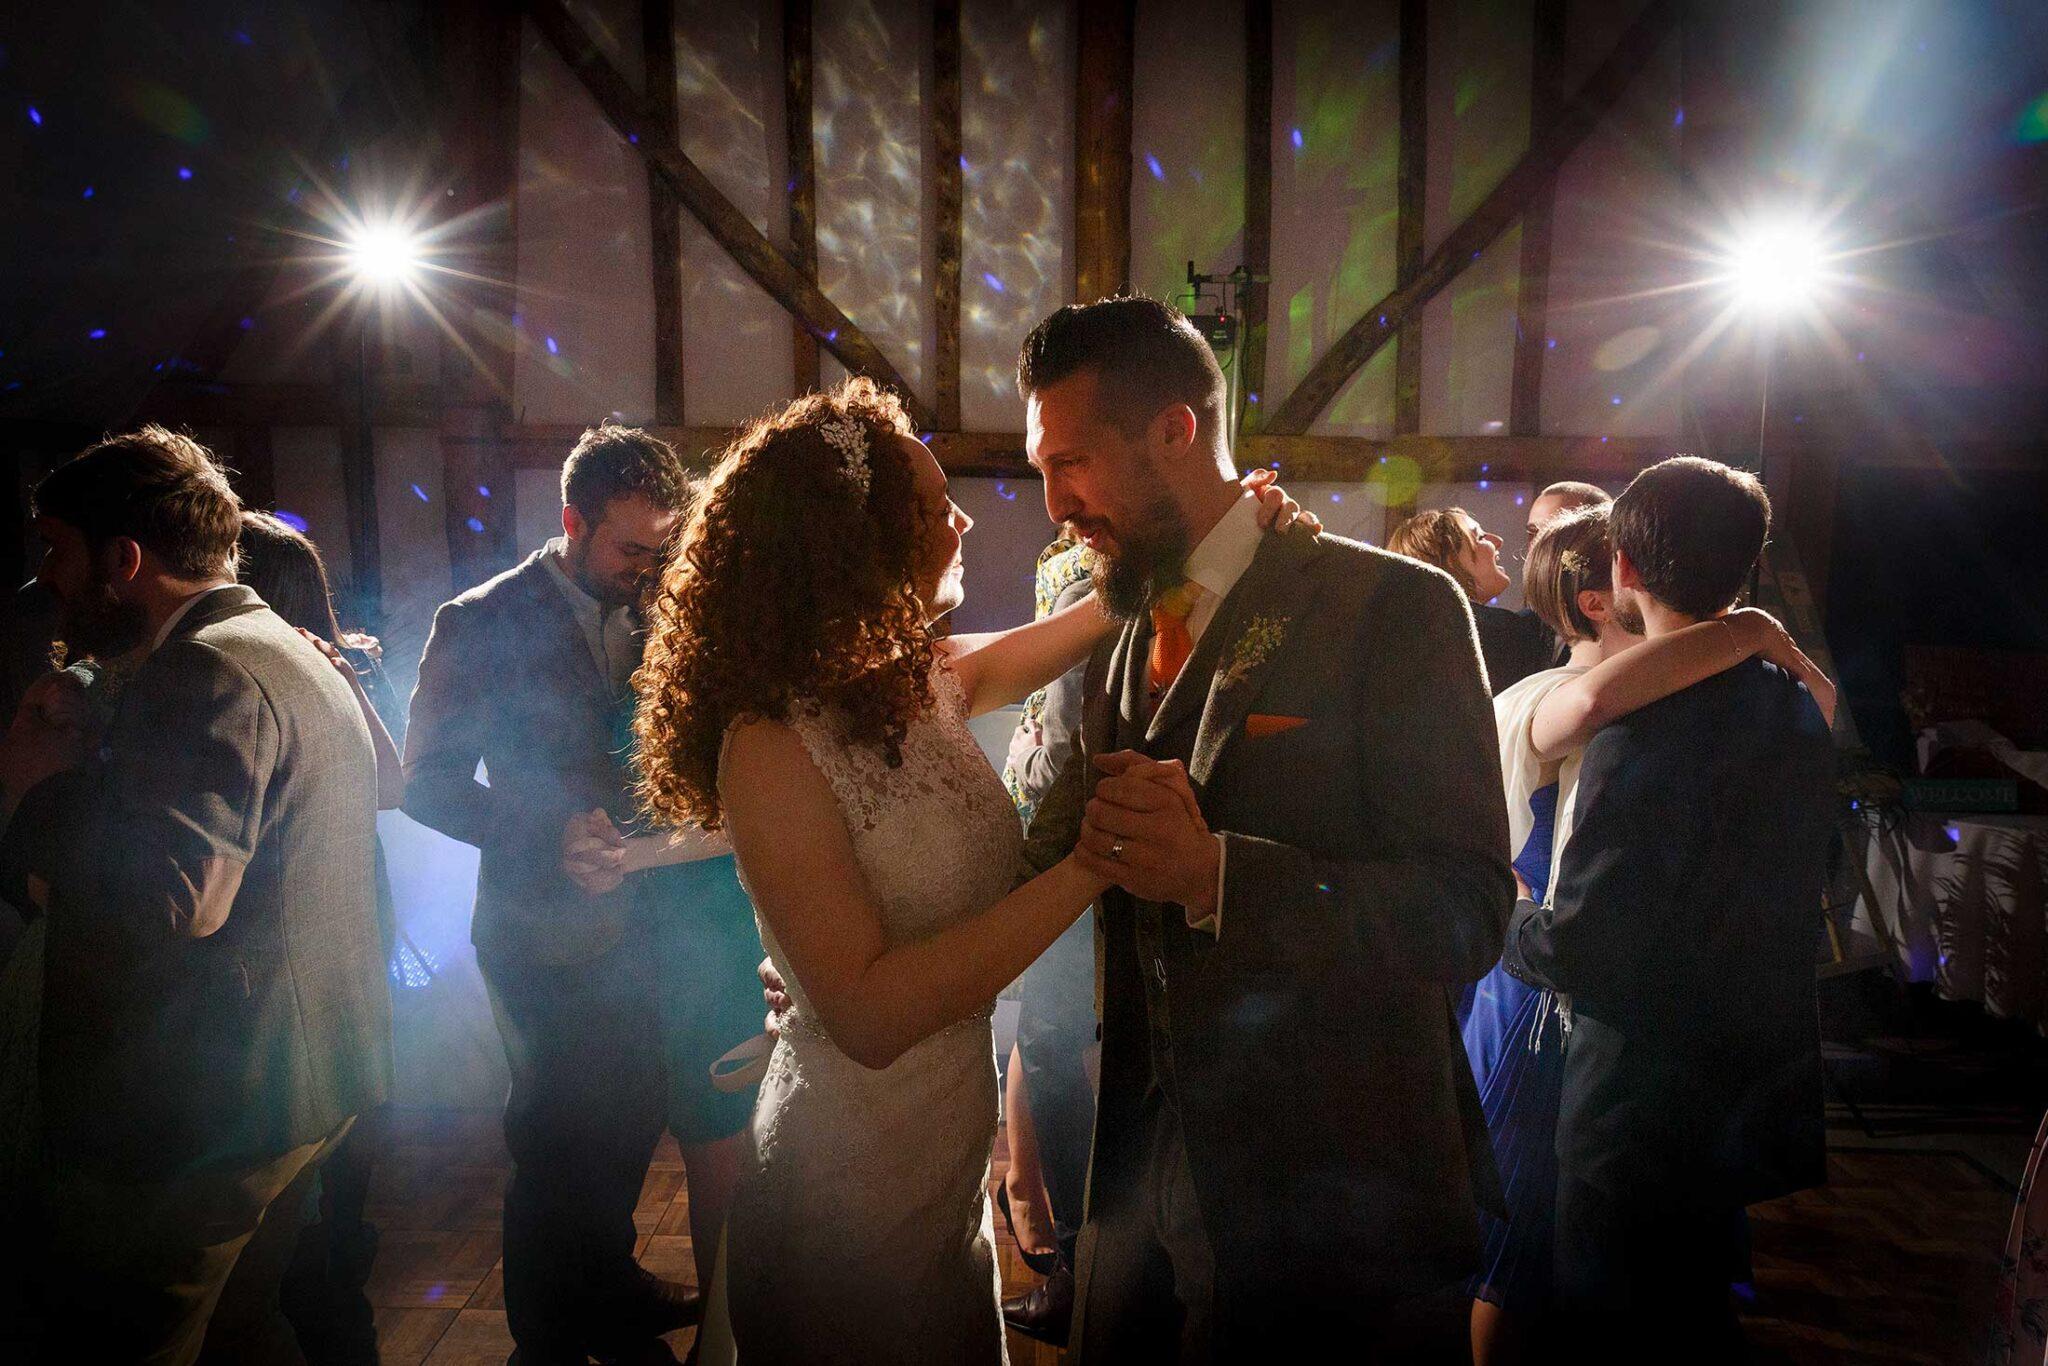 South Farm spring wedding of Ellie & Lee